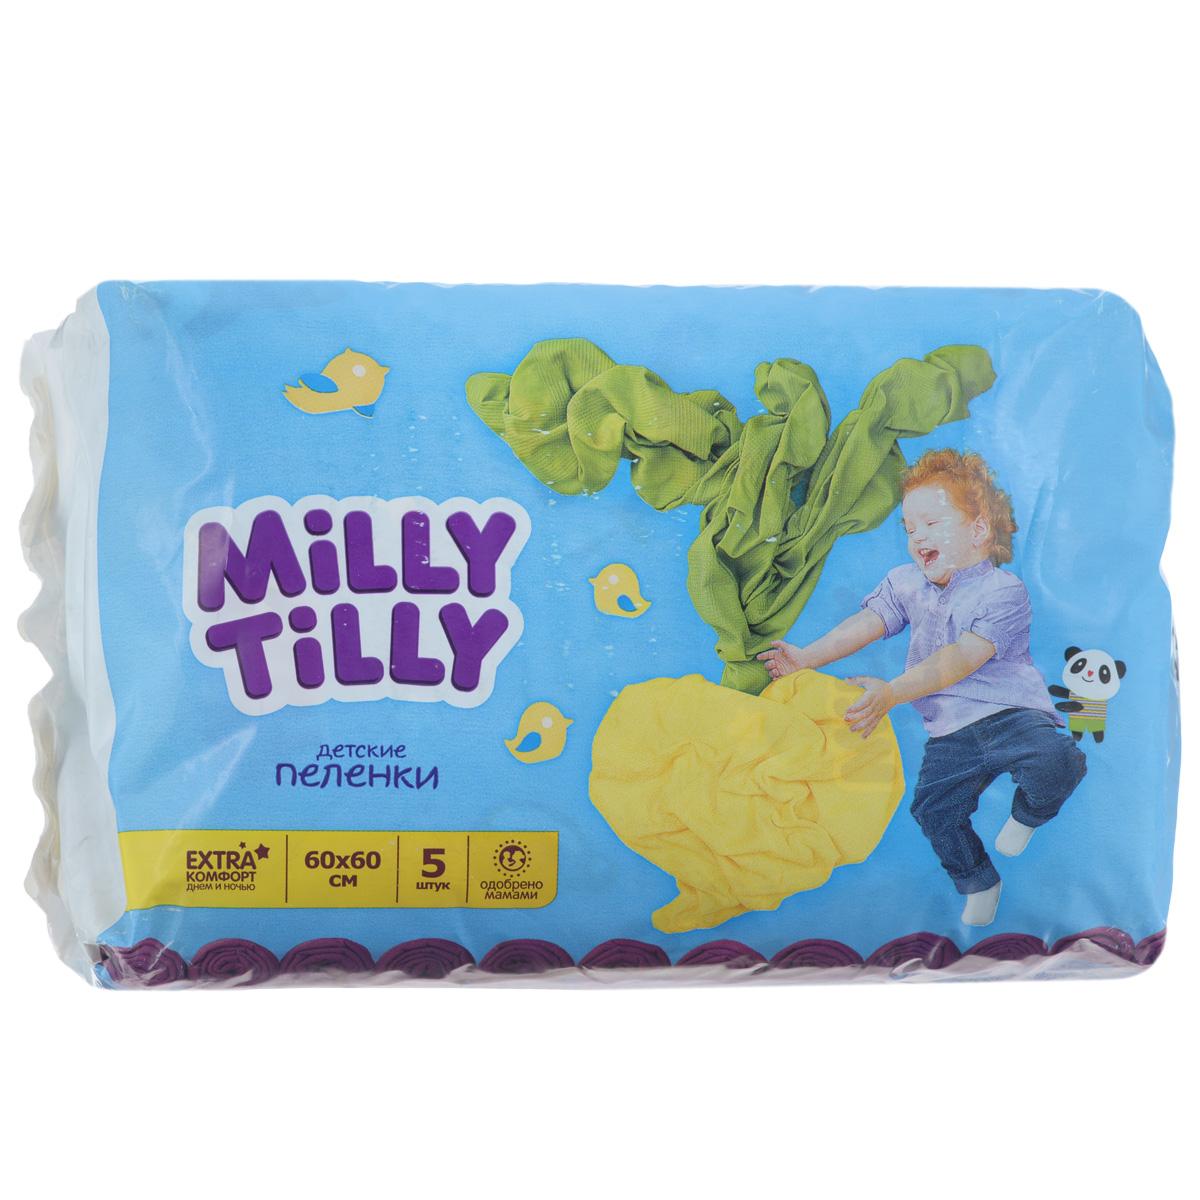 Milly Tilly Детские одноразовые пеленки, 60 см х 60 см, 5 шт